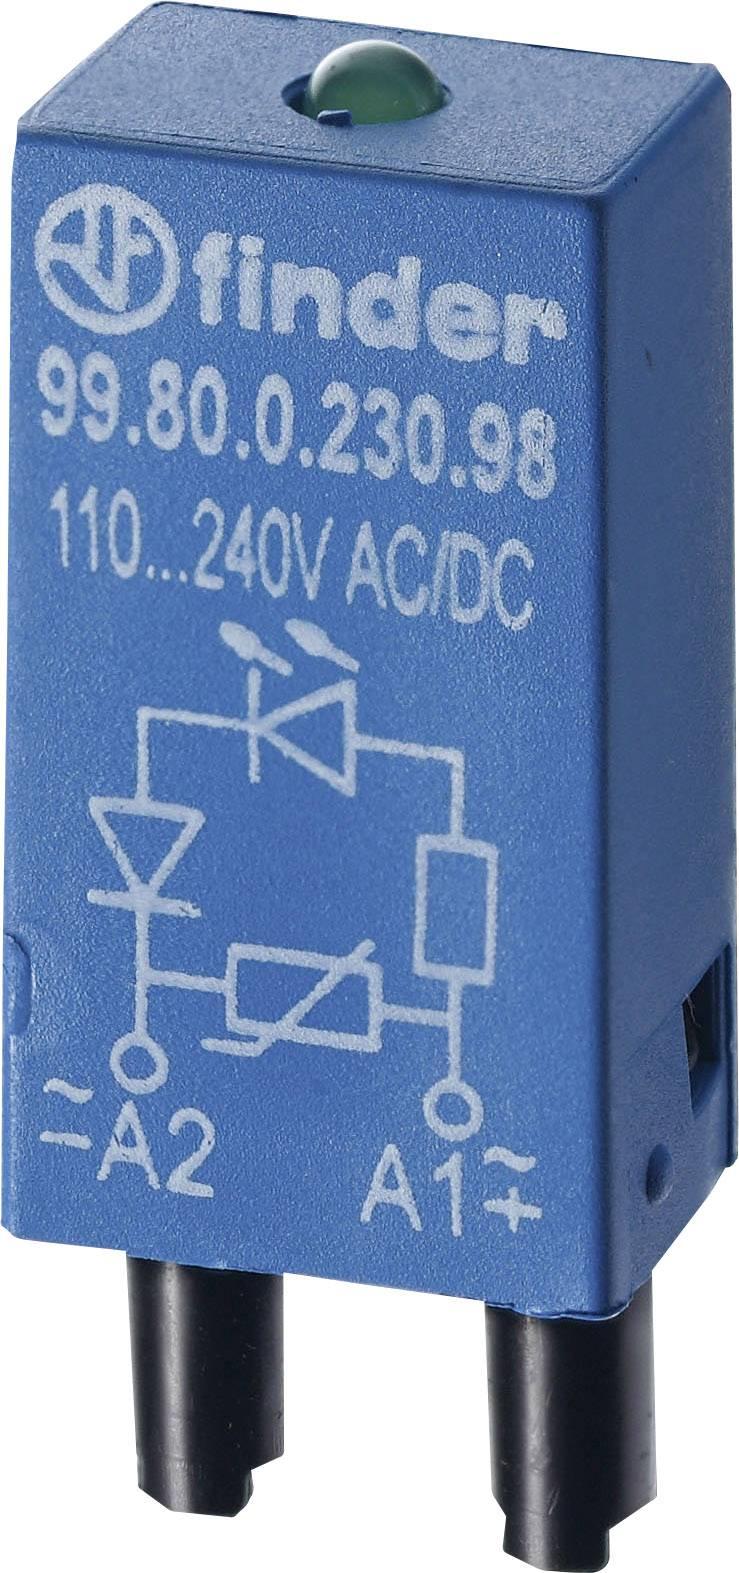 Zasouvací modul s diodou Finder 99.80.9.024.99 Barva světla: zelená